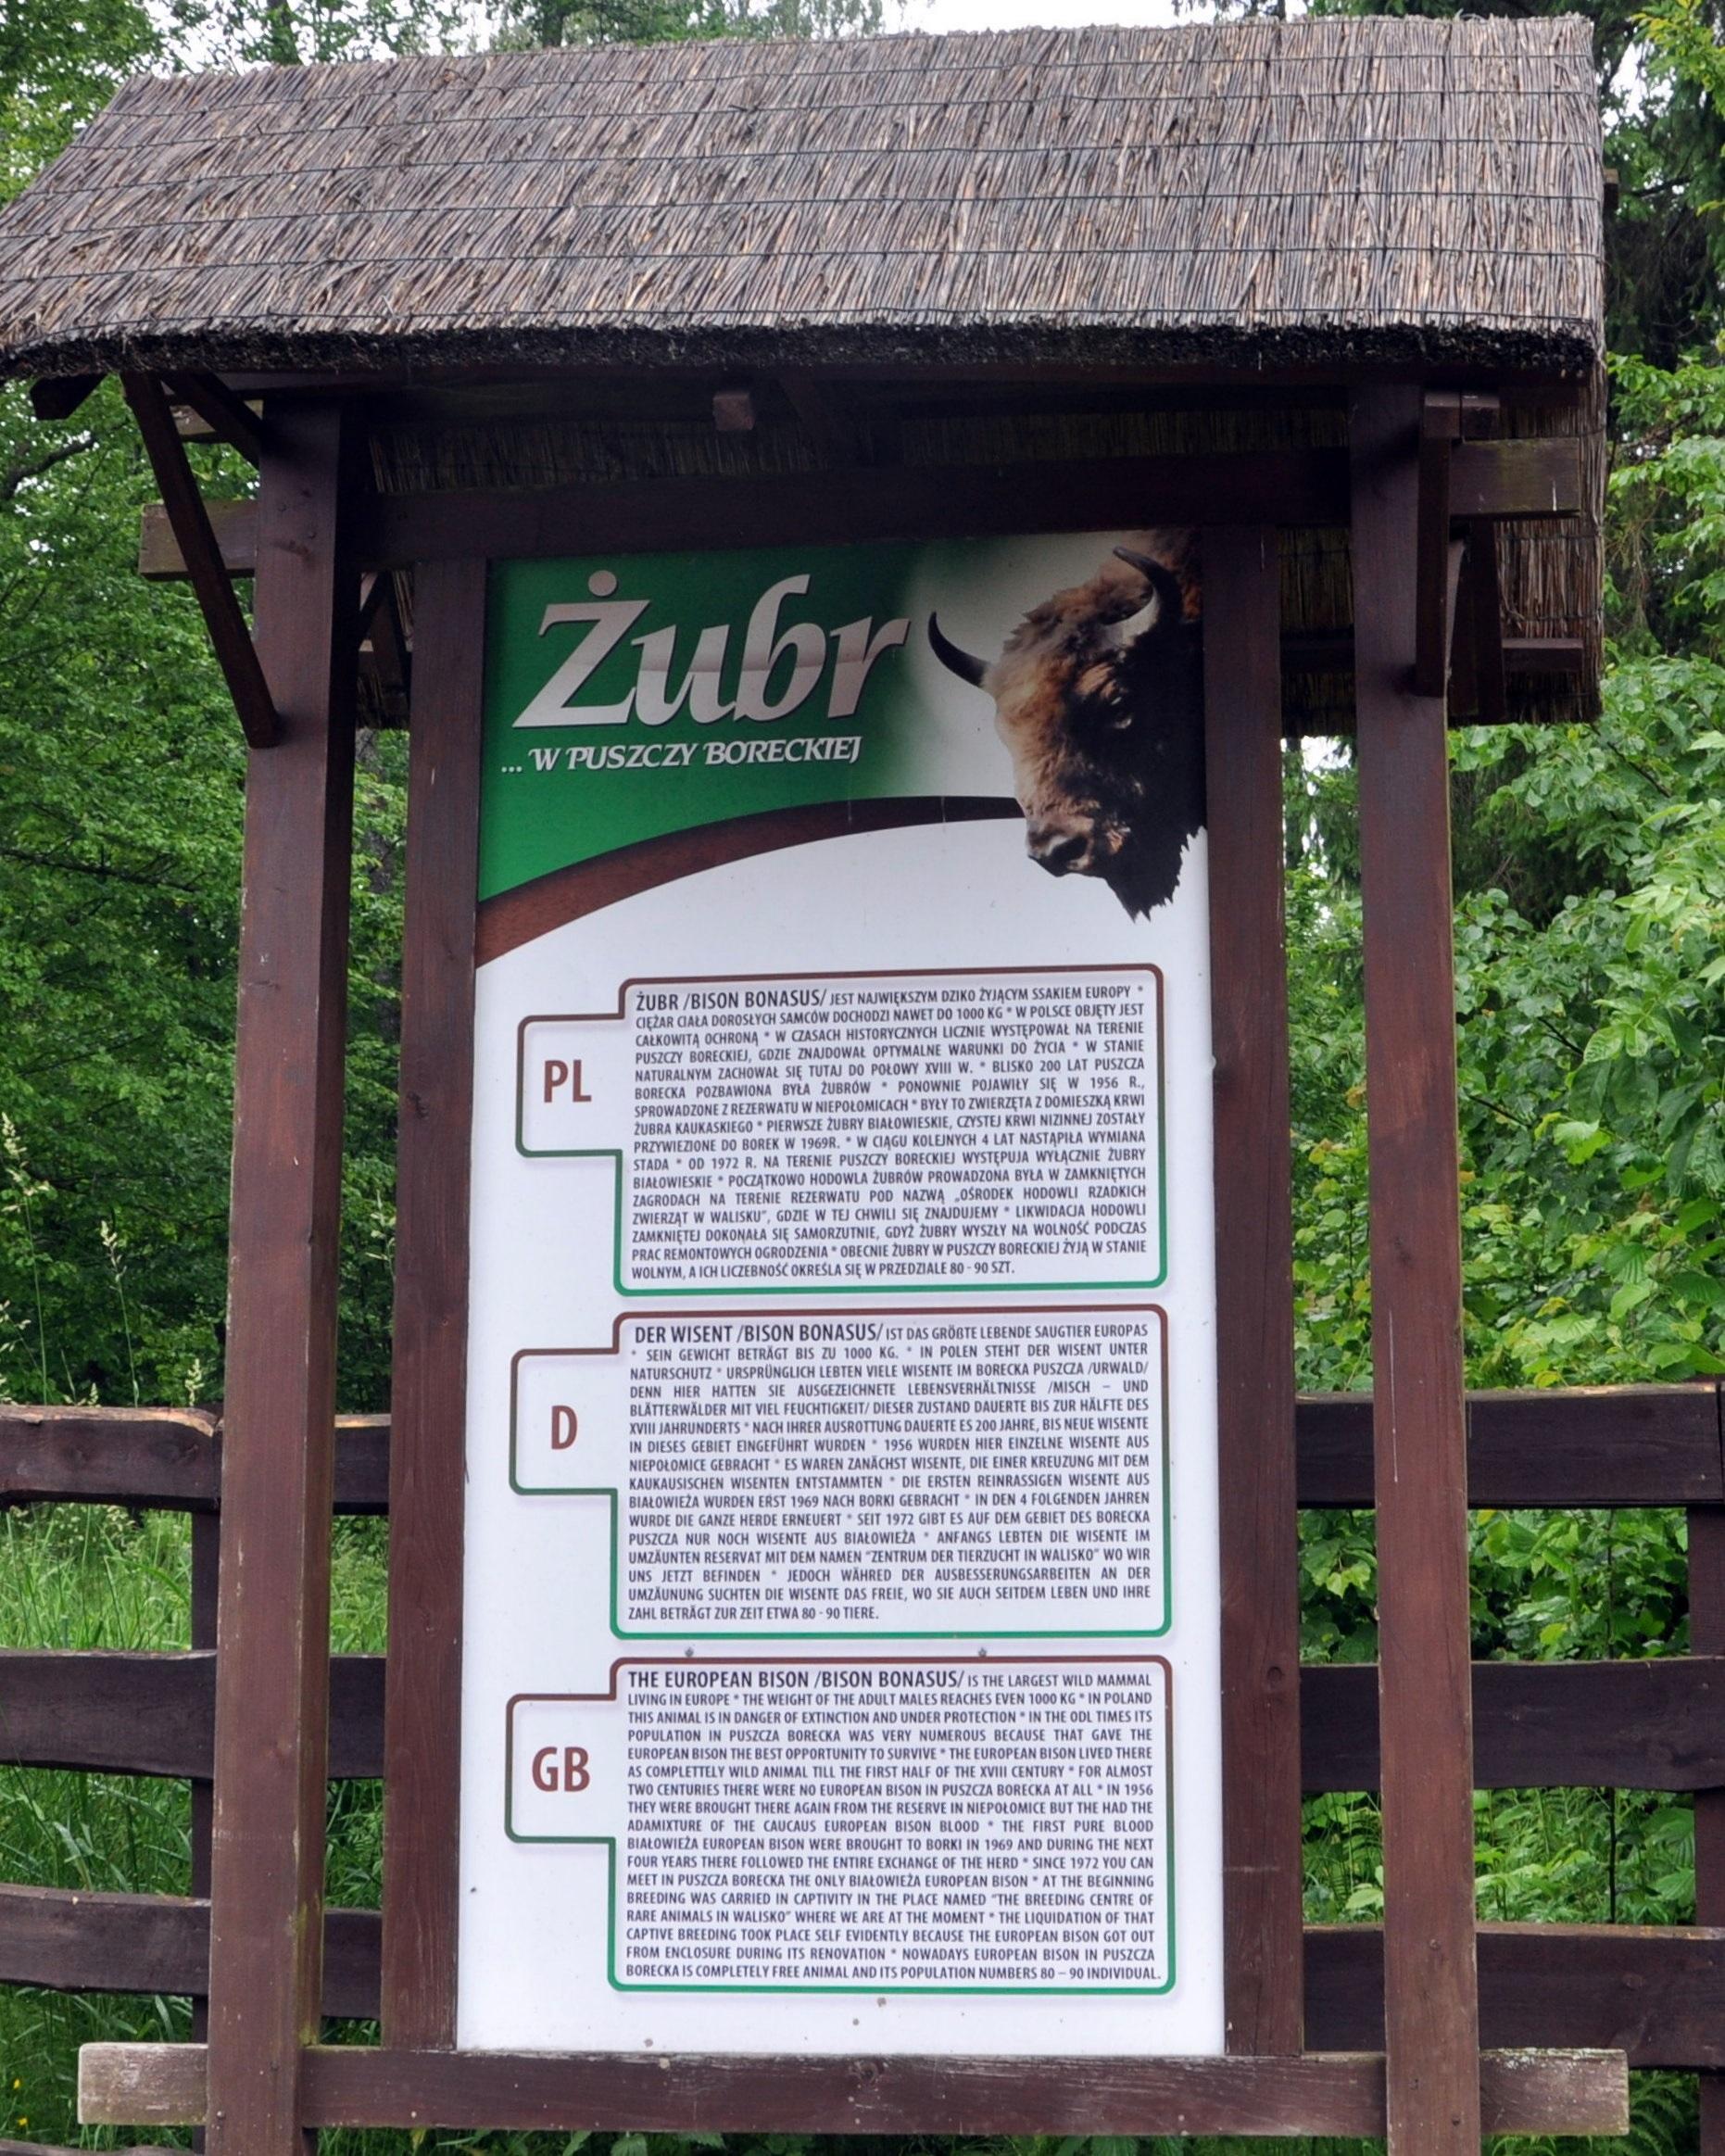 żubry, zwierzęta, wolisko, pokaz żubrów, stacja hodowli zubrów, mazury, żubry, kuty,